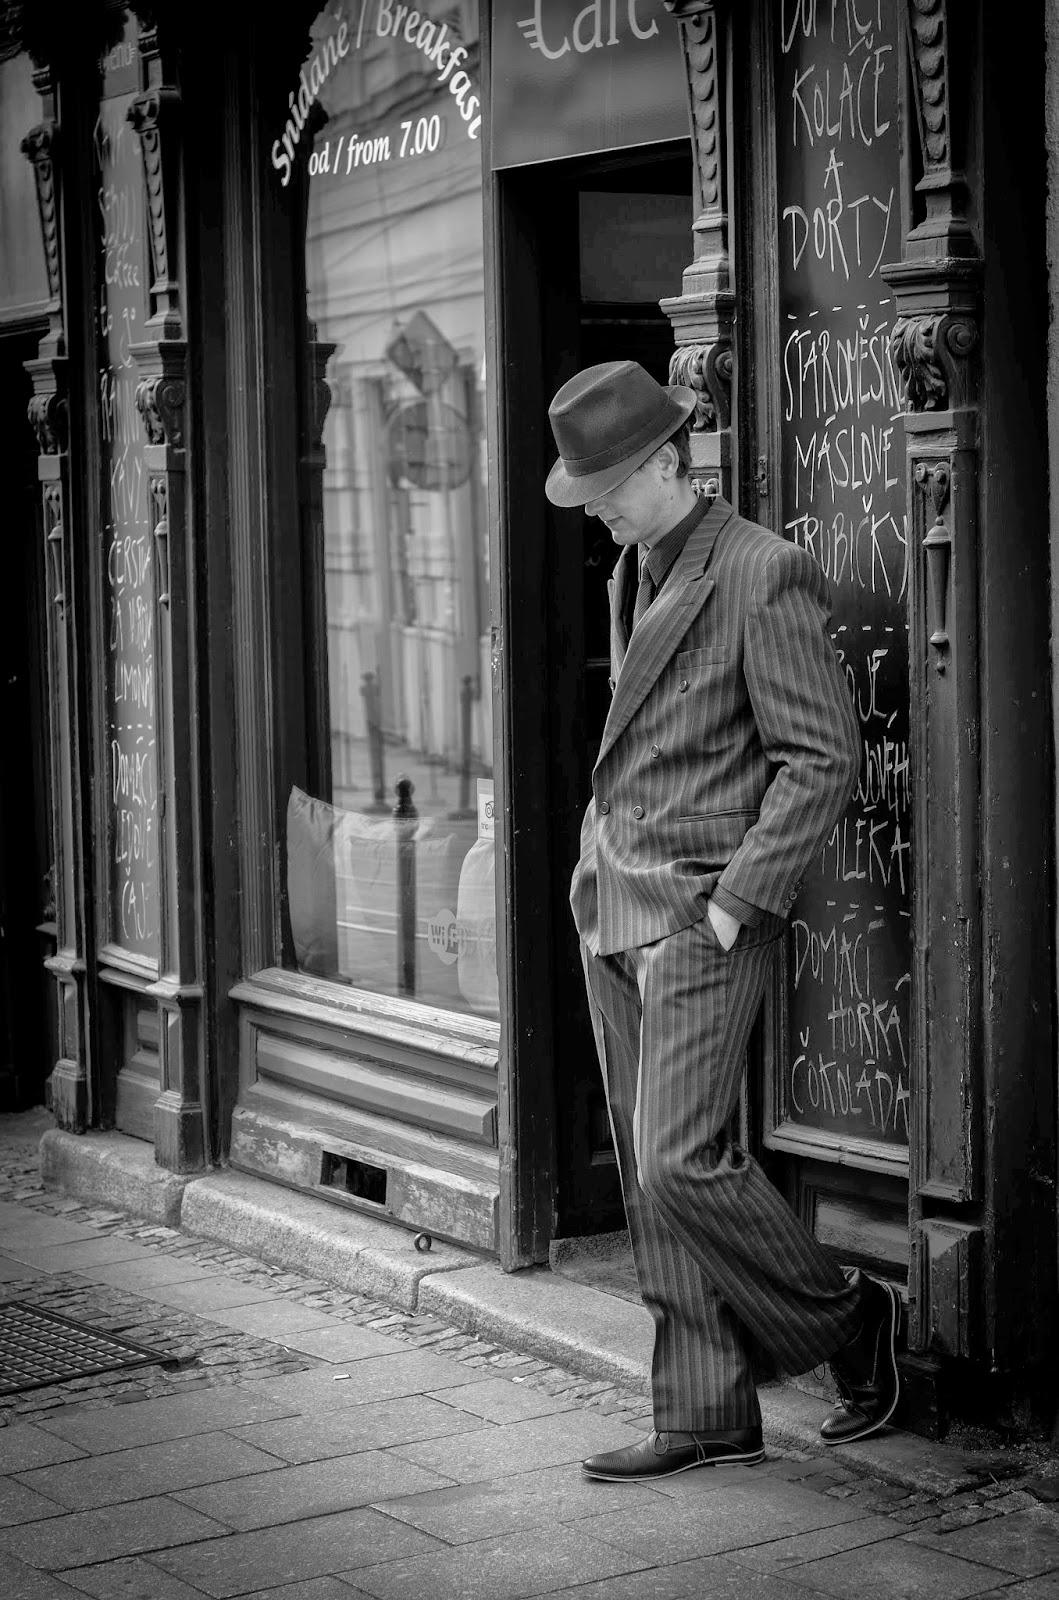 c86d33e60 ... svou představu o nošení pánské dobové módy. K tomu mě vlastně  inspiroval i článek, který jsem nedávno uveřejňovala na našich  facebookových stránkách.